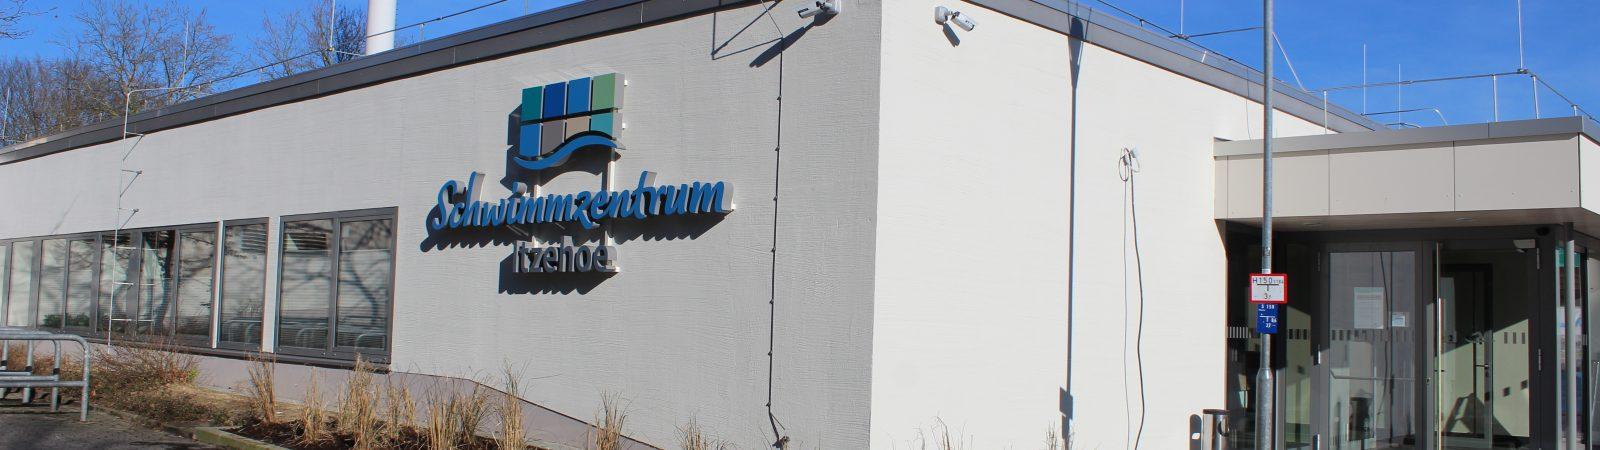 Schwimmzentrum Itzehoe – Außenansicht